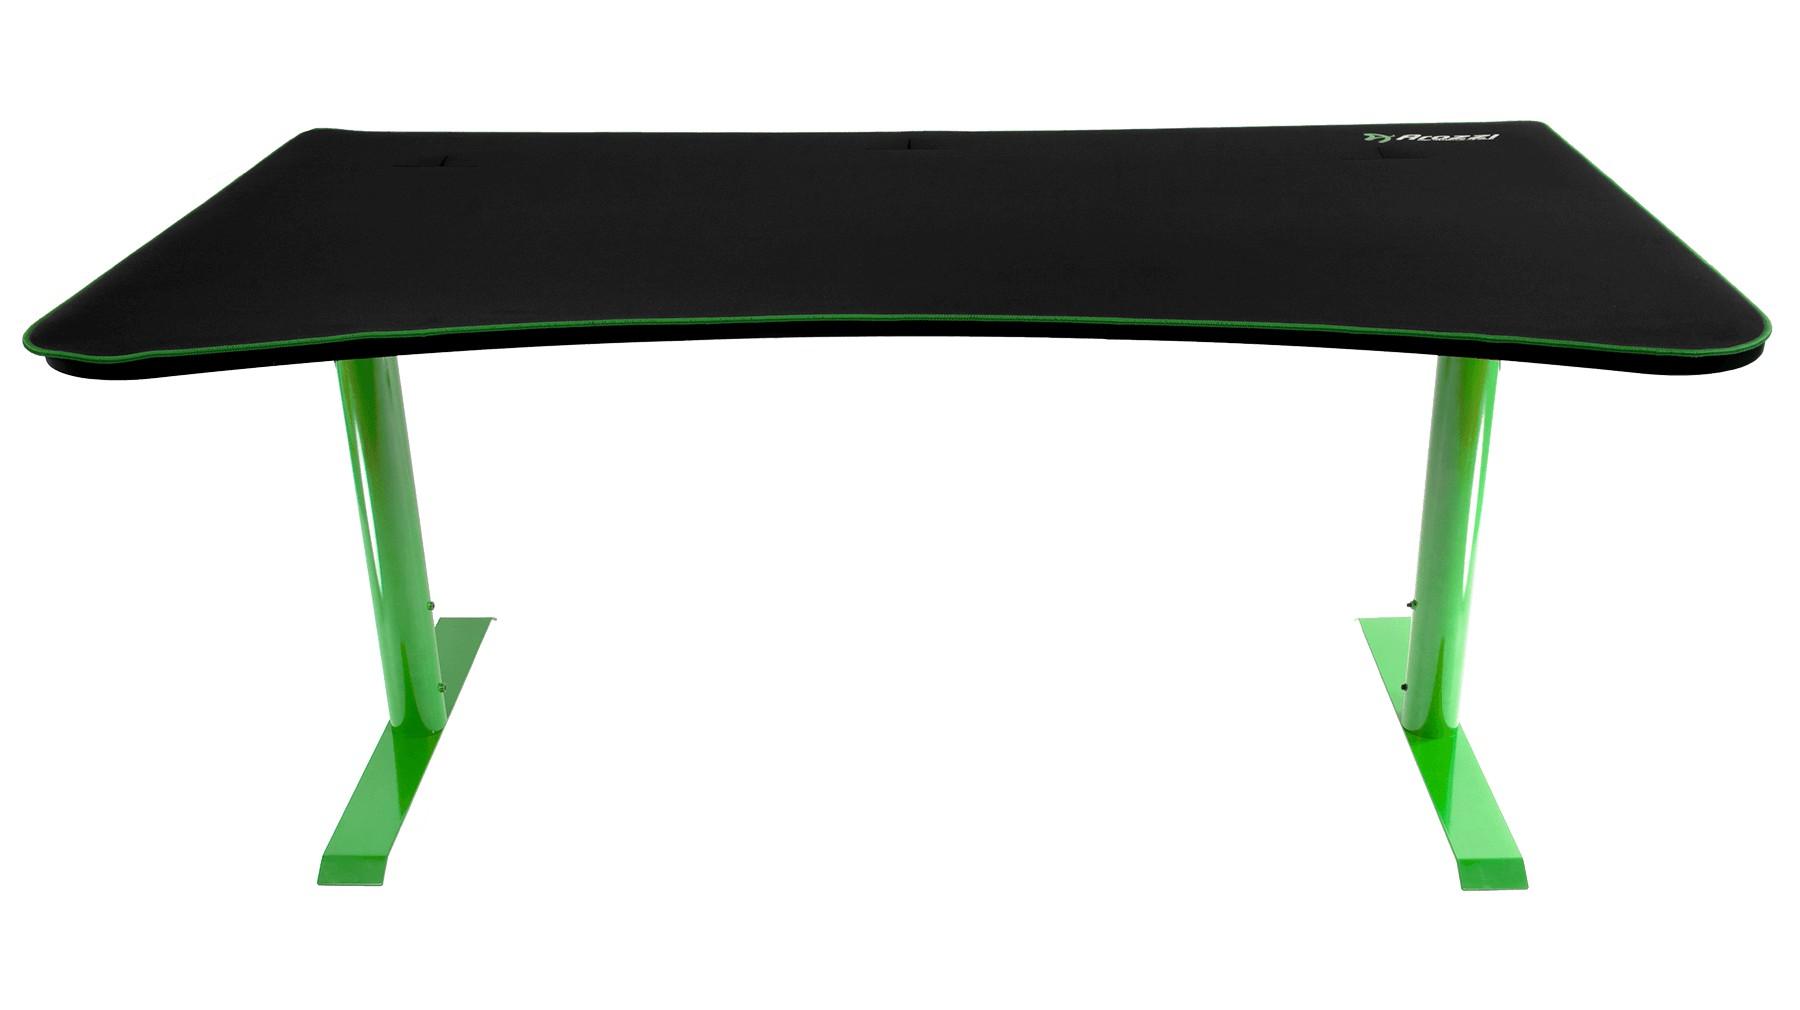 AROZZI ARENA žalias reguliuojamas žaidimų stalas